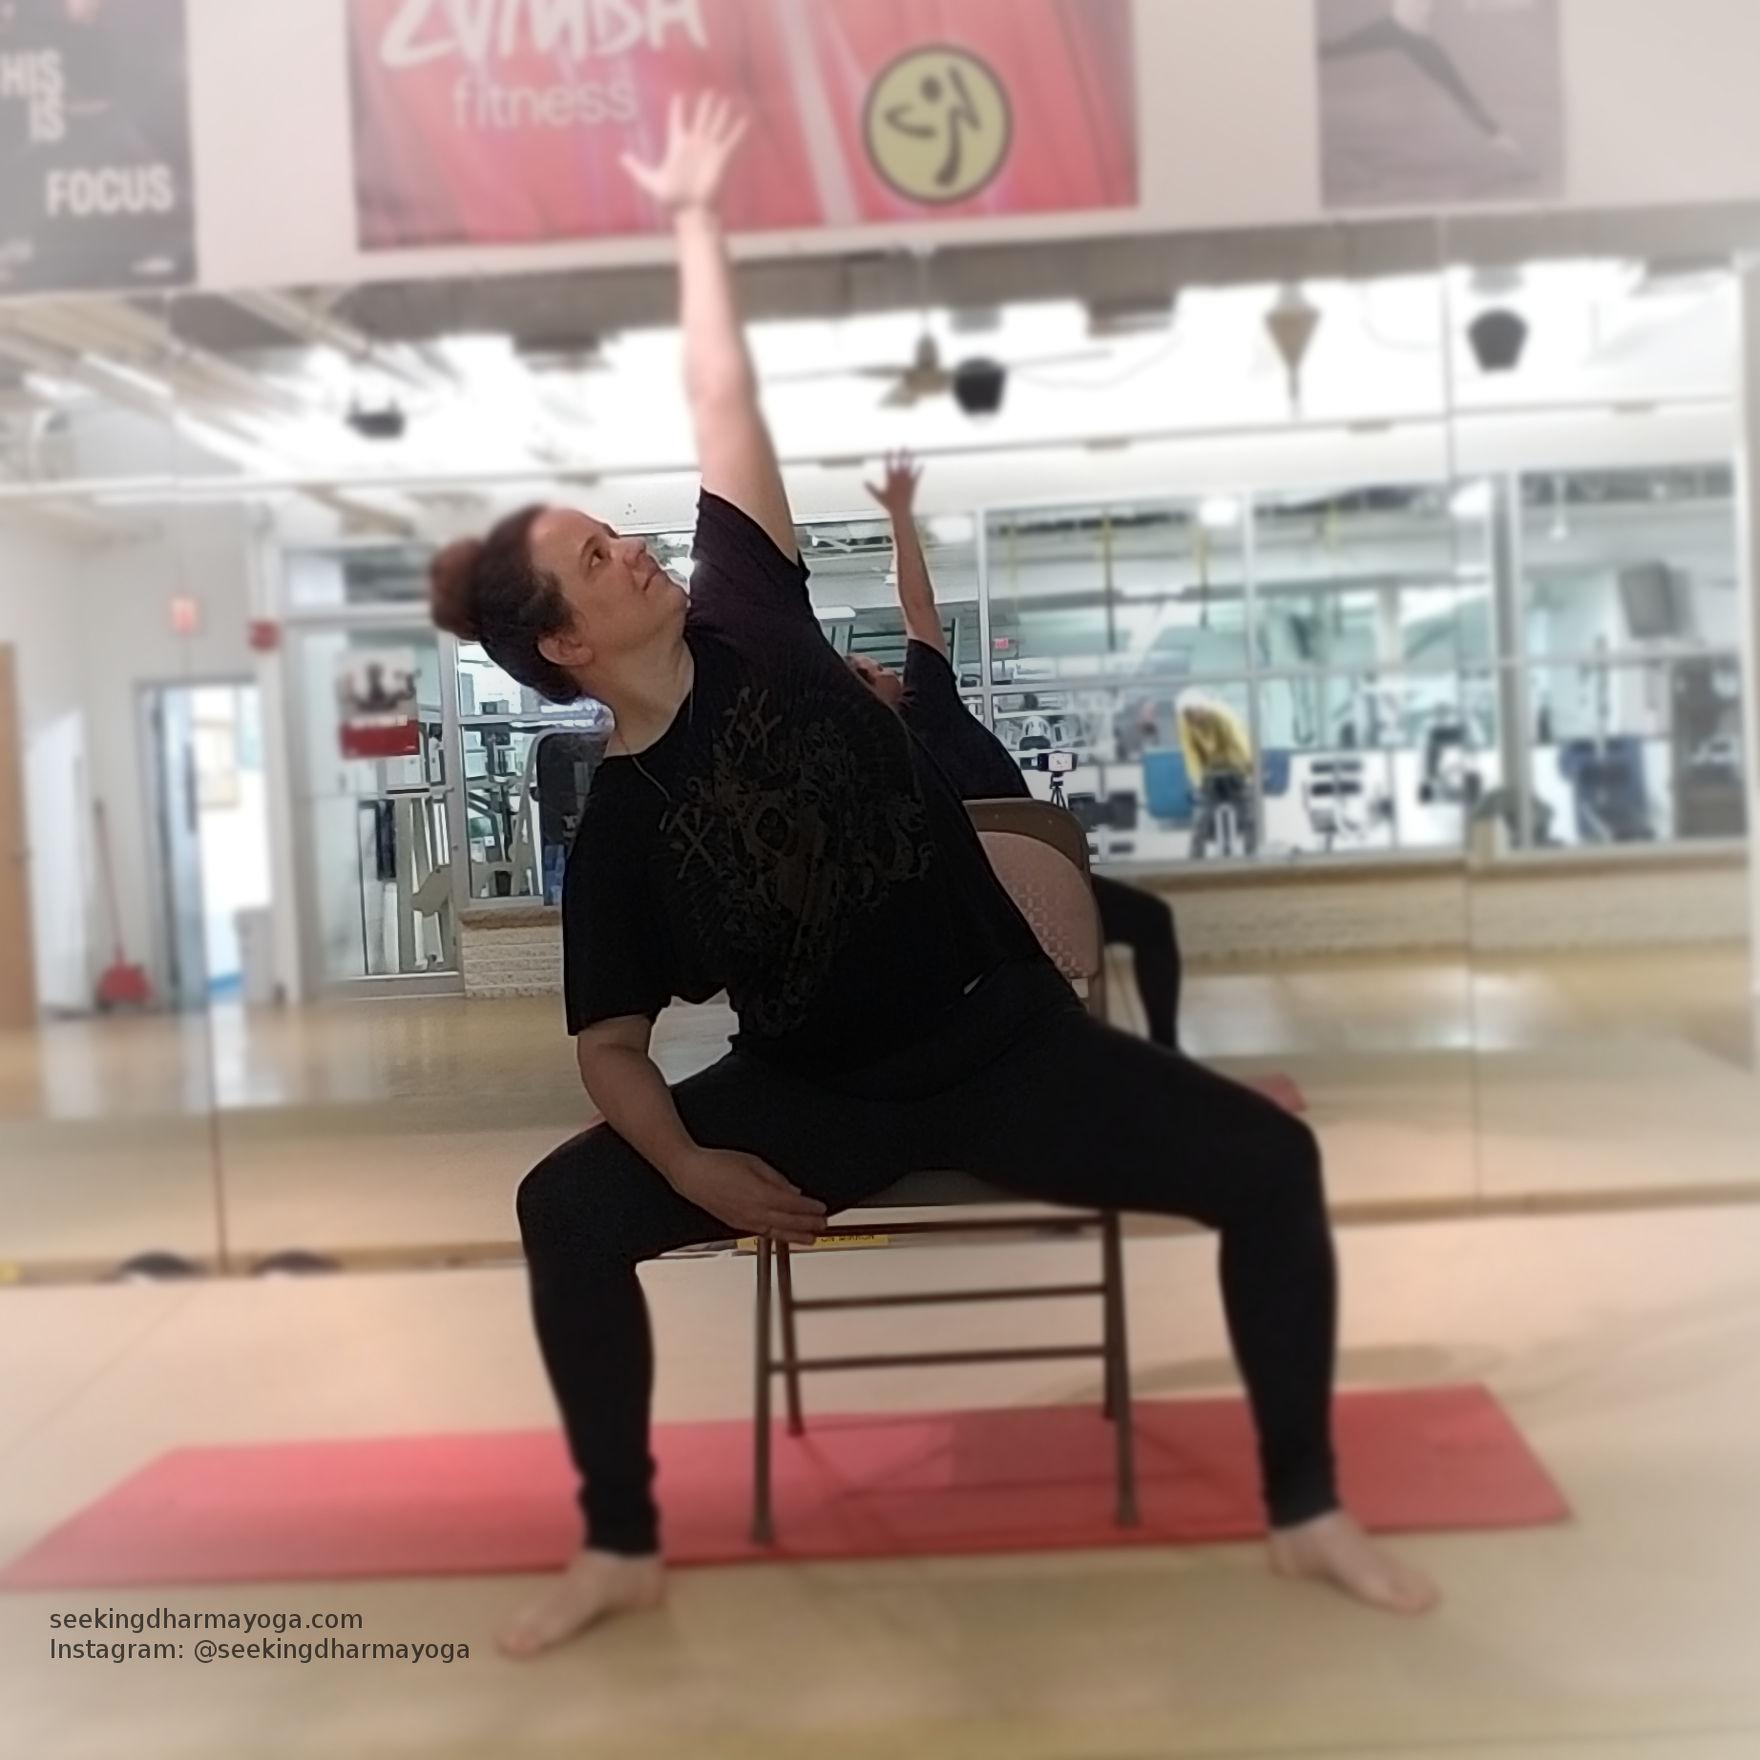 Seeking Dharma Yoga